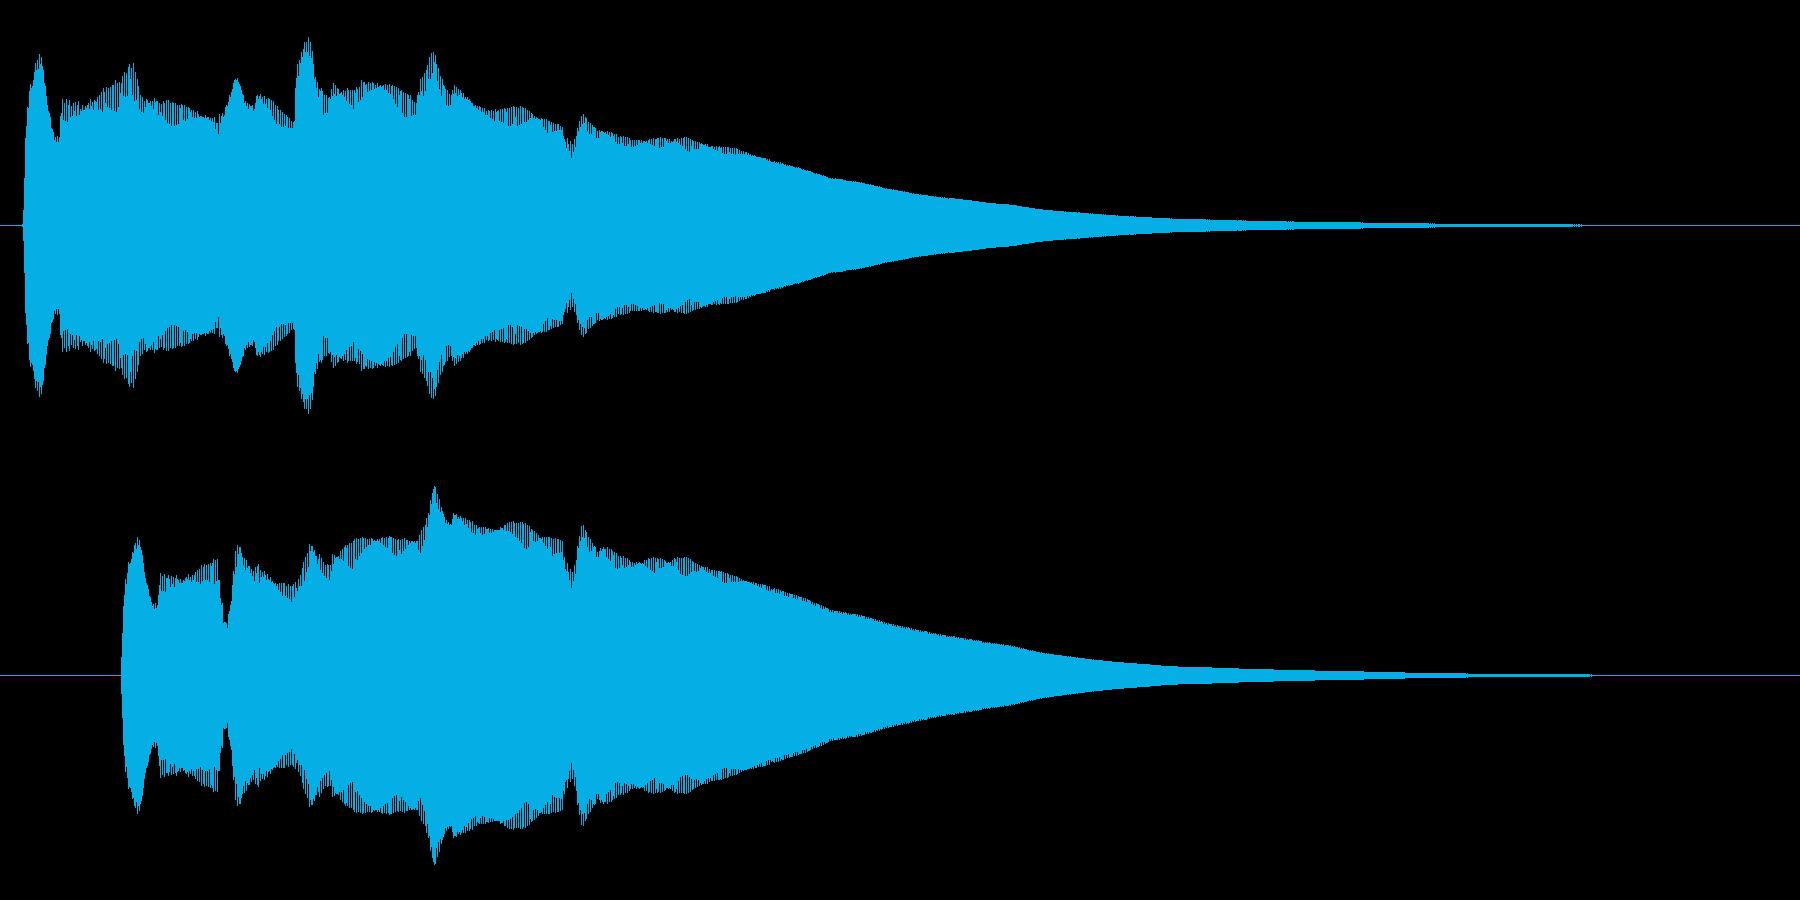 コーン(金属音のような脳に響く音)の再生済みの波形